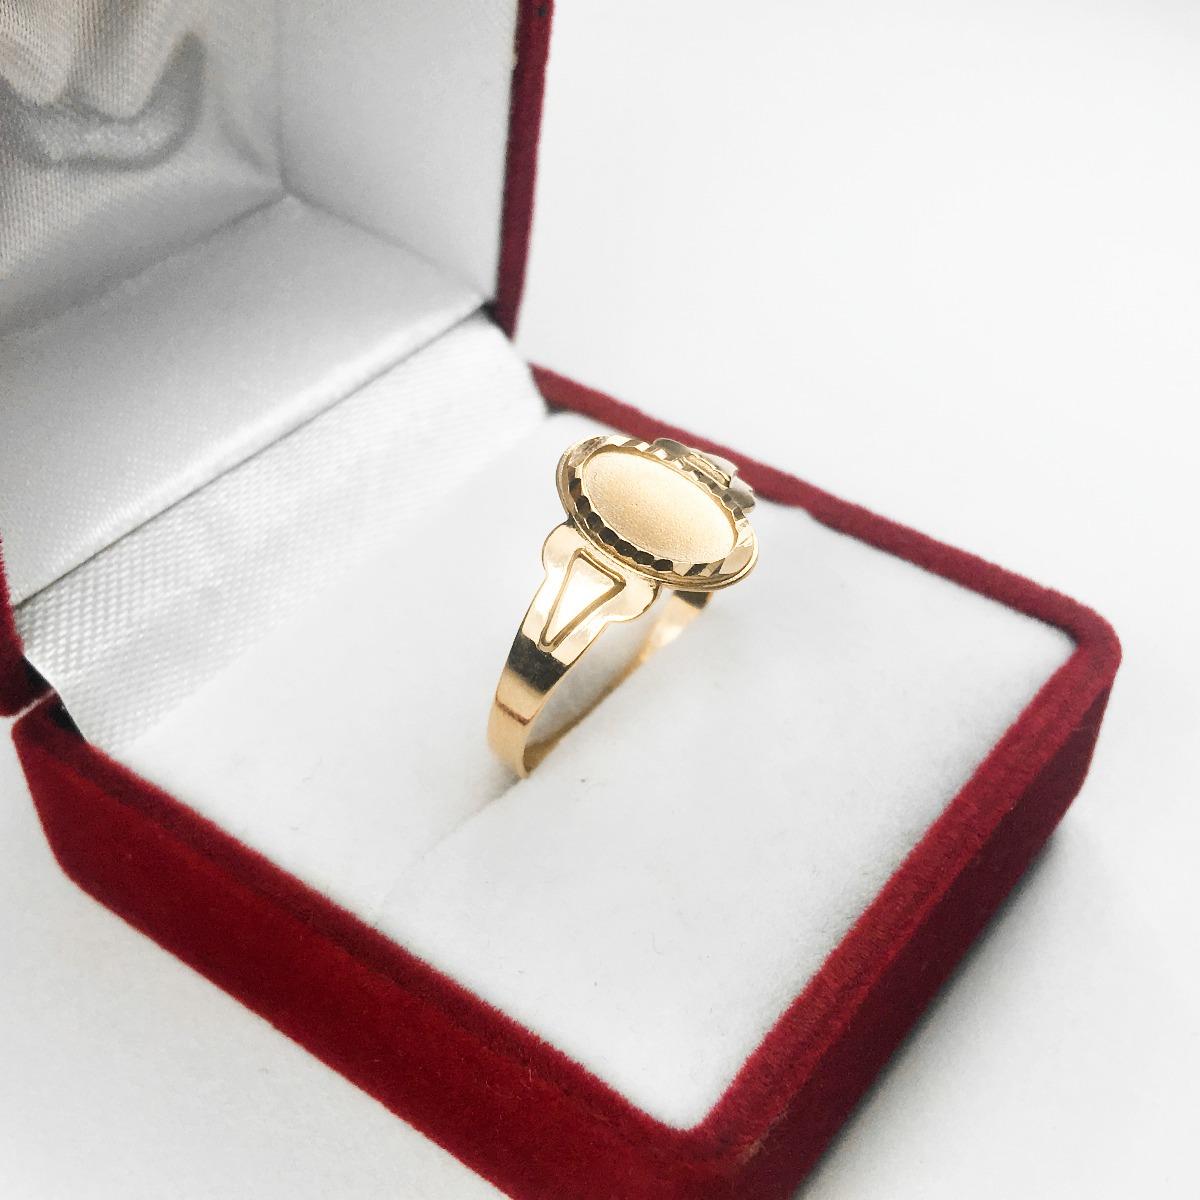 b69fdcc591c3 anillos oro 18k mujer sello cleopatra 1.3 grs con grabado n1. Cargando zoom.